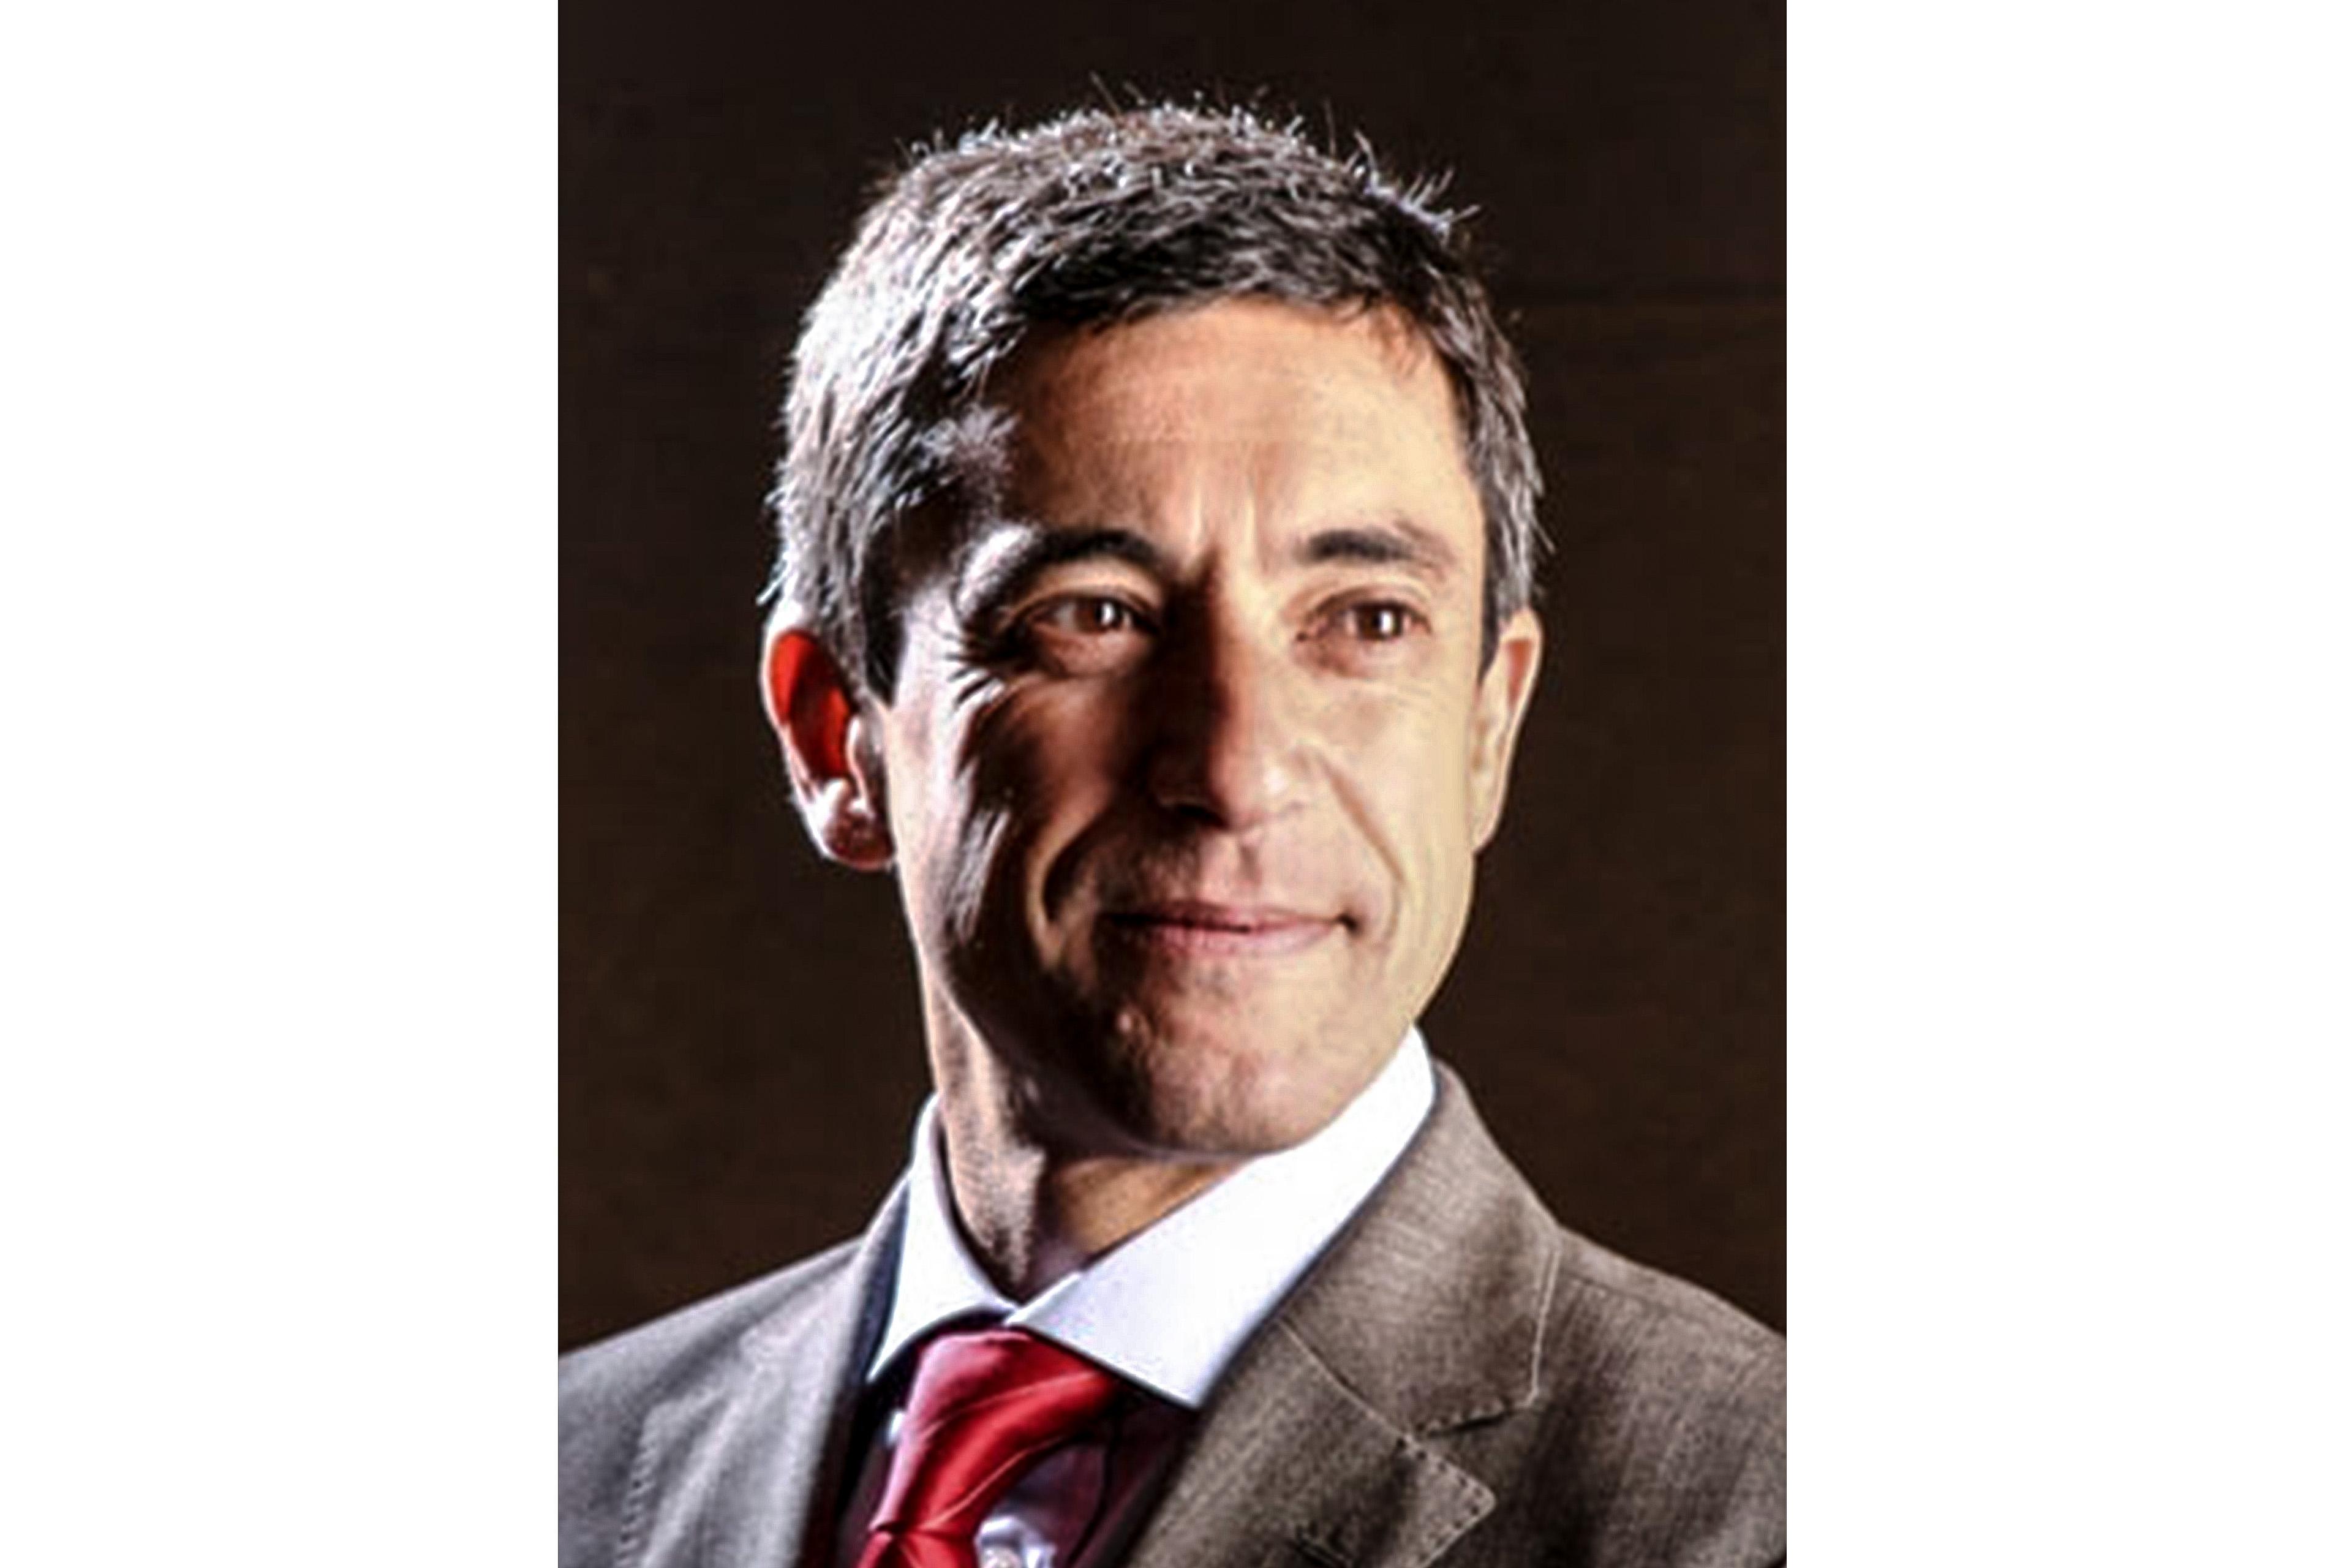 A photographic portrait of Sergio Ricardo Romani